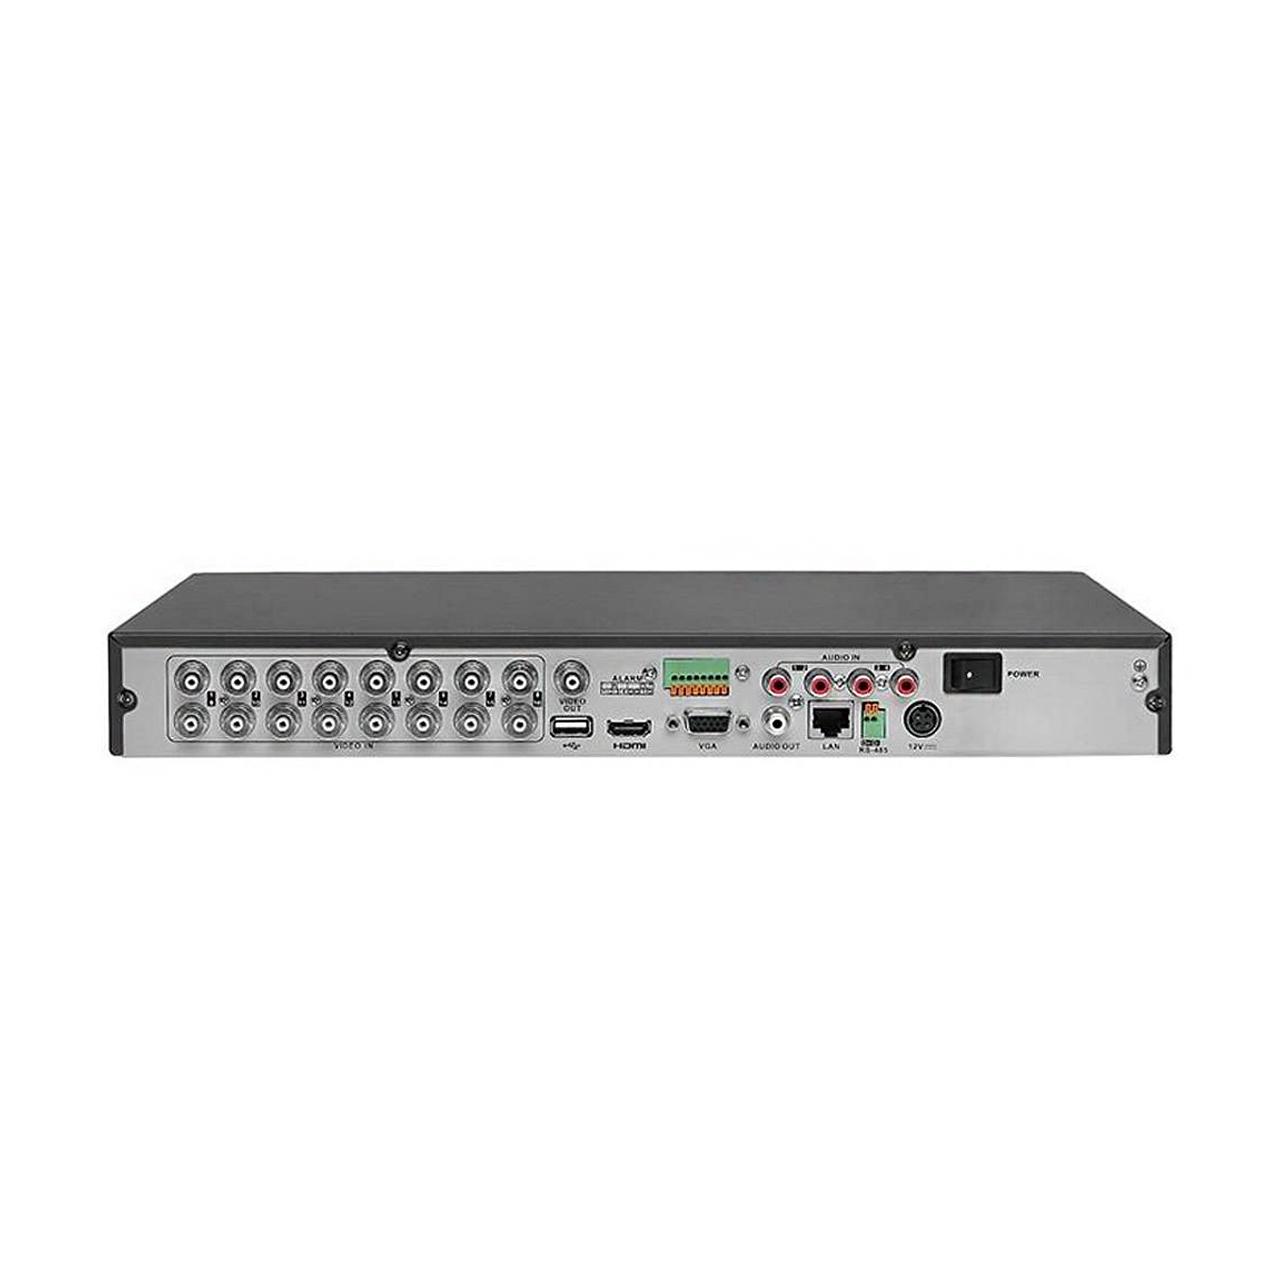 ضبط کننده دی وی ار 4 کانال مدل DS-7204HTHI-K1 برند Hikvision